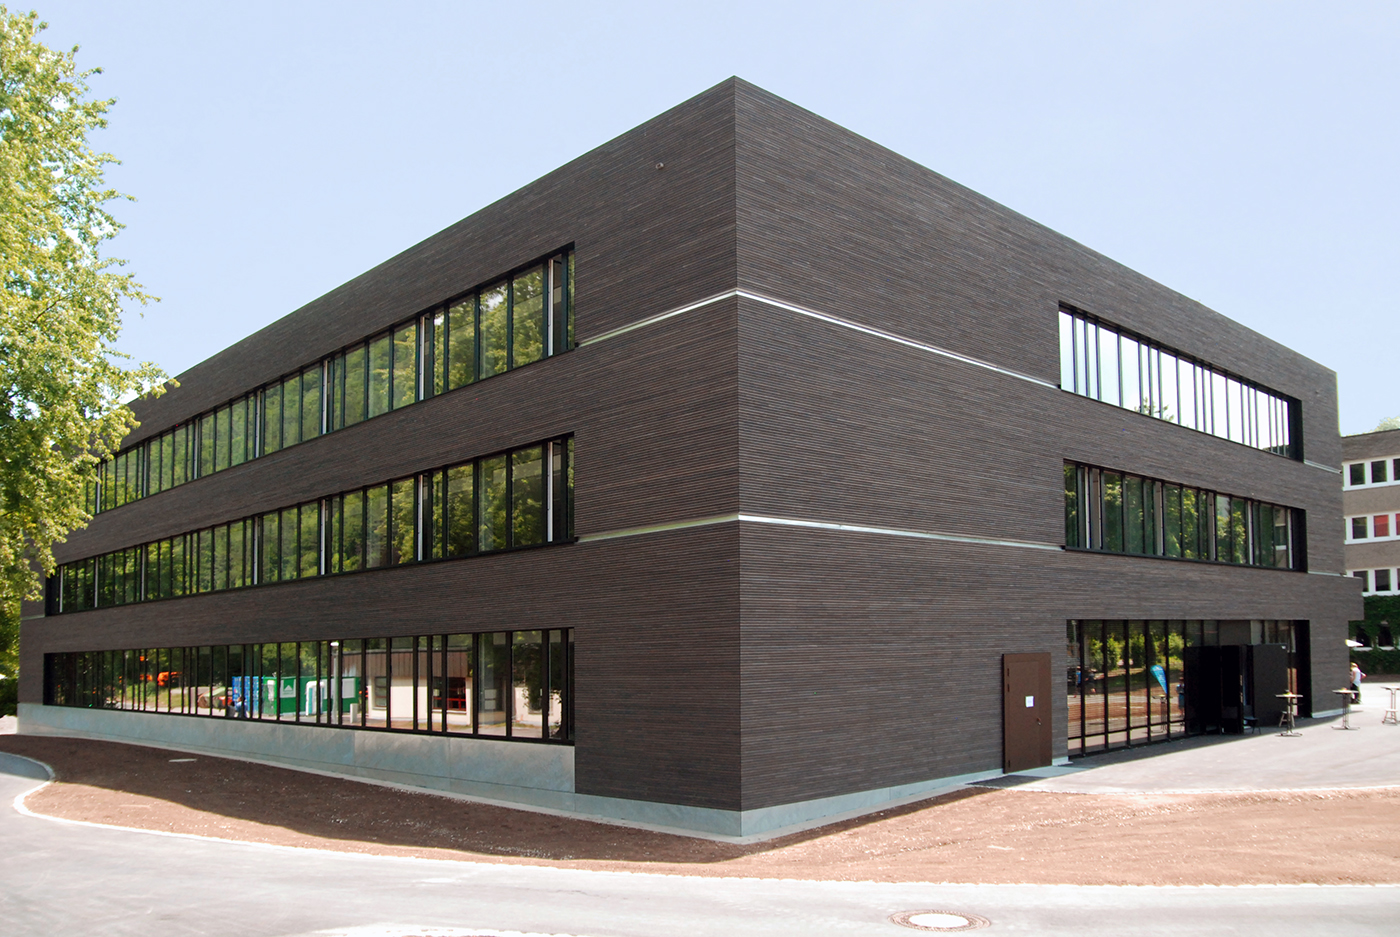 GMS_Gemeinschaftsschule_Blaubeuren_Eroeffnung_2017_Foto_Reinhold Blersch_1400pix_56